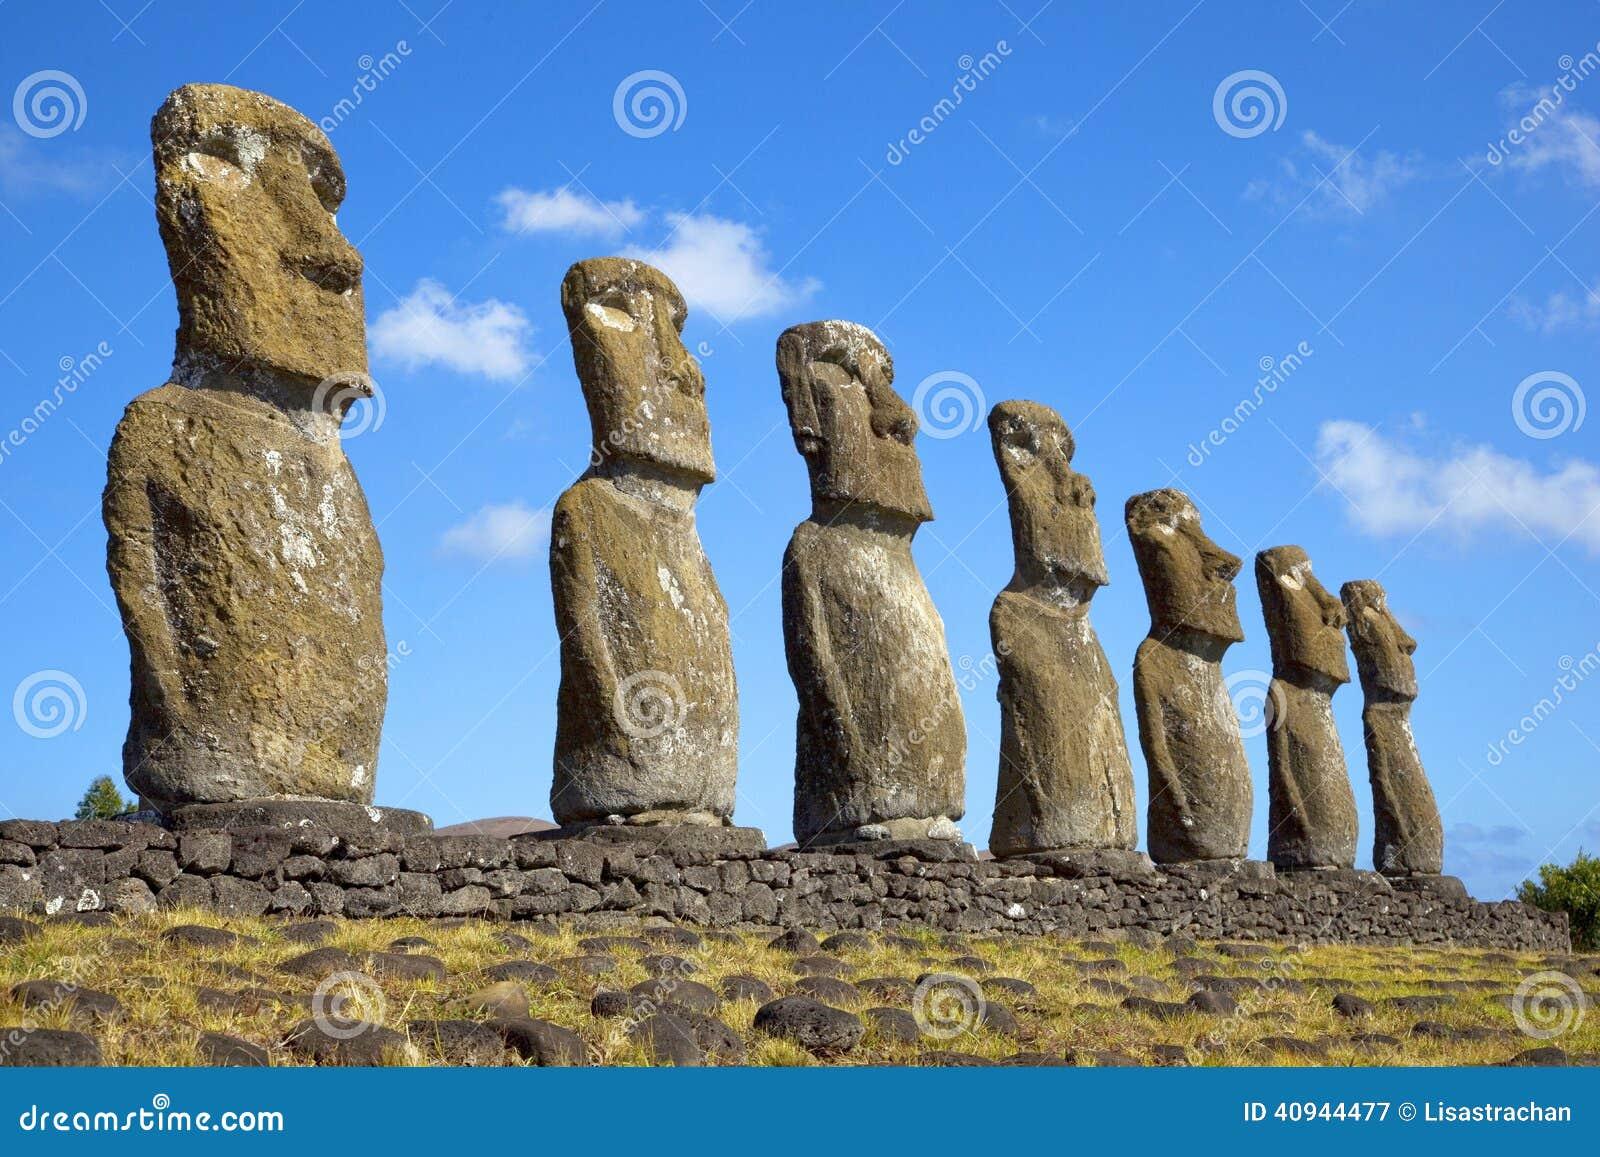 Ahu Akivi Moai, Rapa Nui, isola di pasqua, Cile